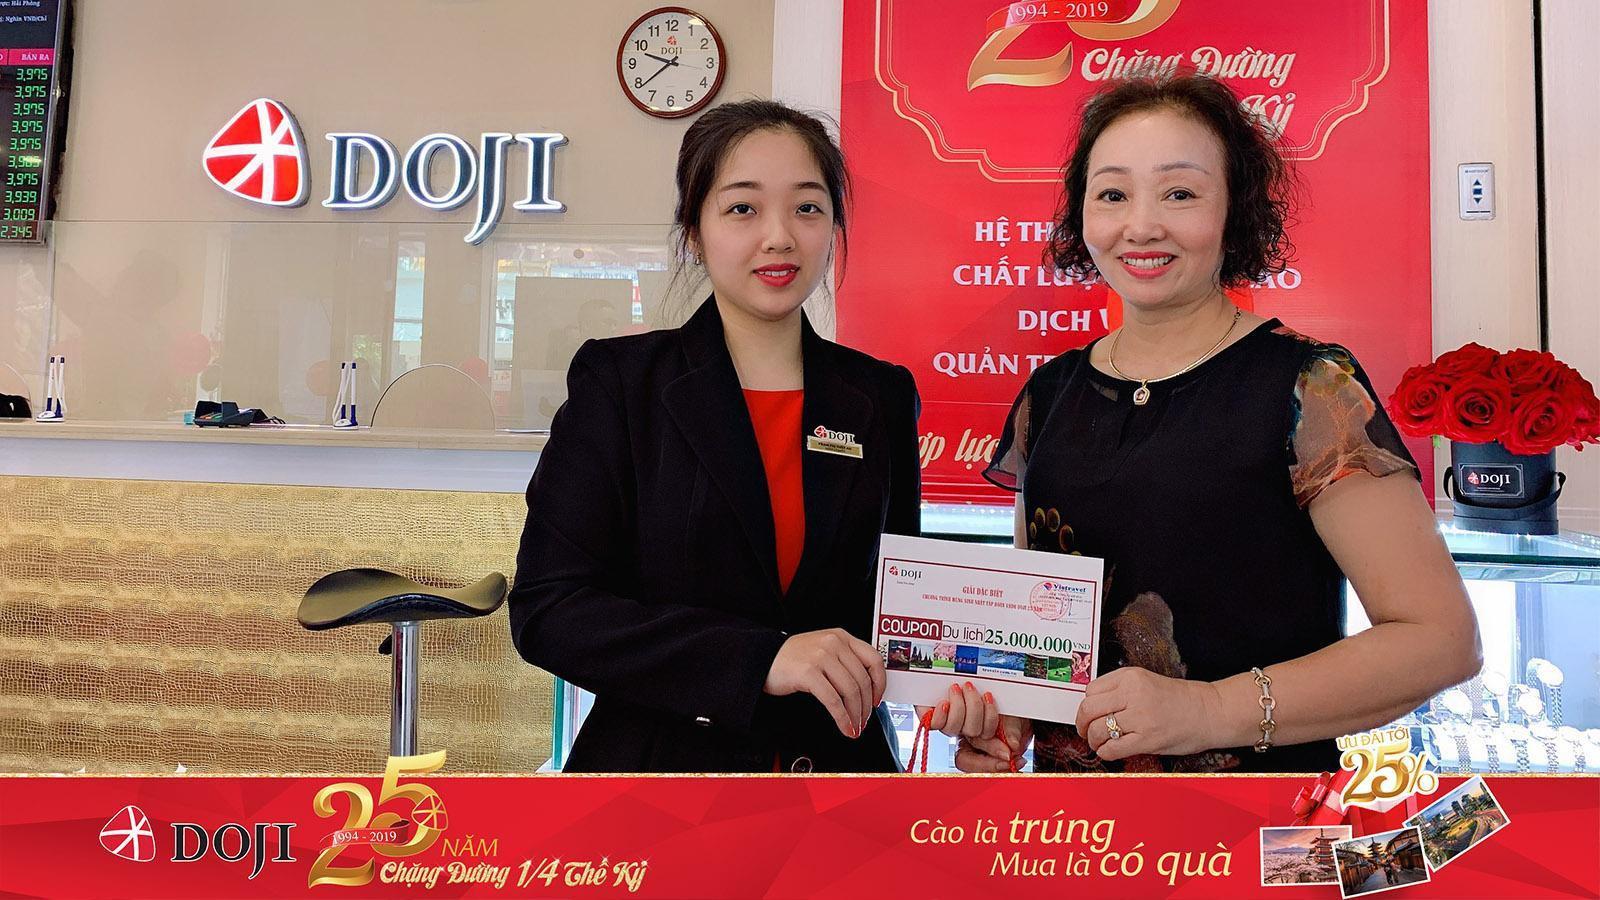 Bảo Thanh và hàng ngàn khách hàng nhận quà dịp sinh nhật DOJI - Ảnh 3.